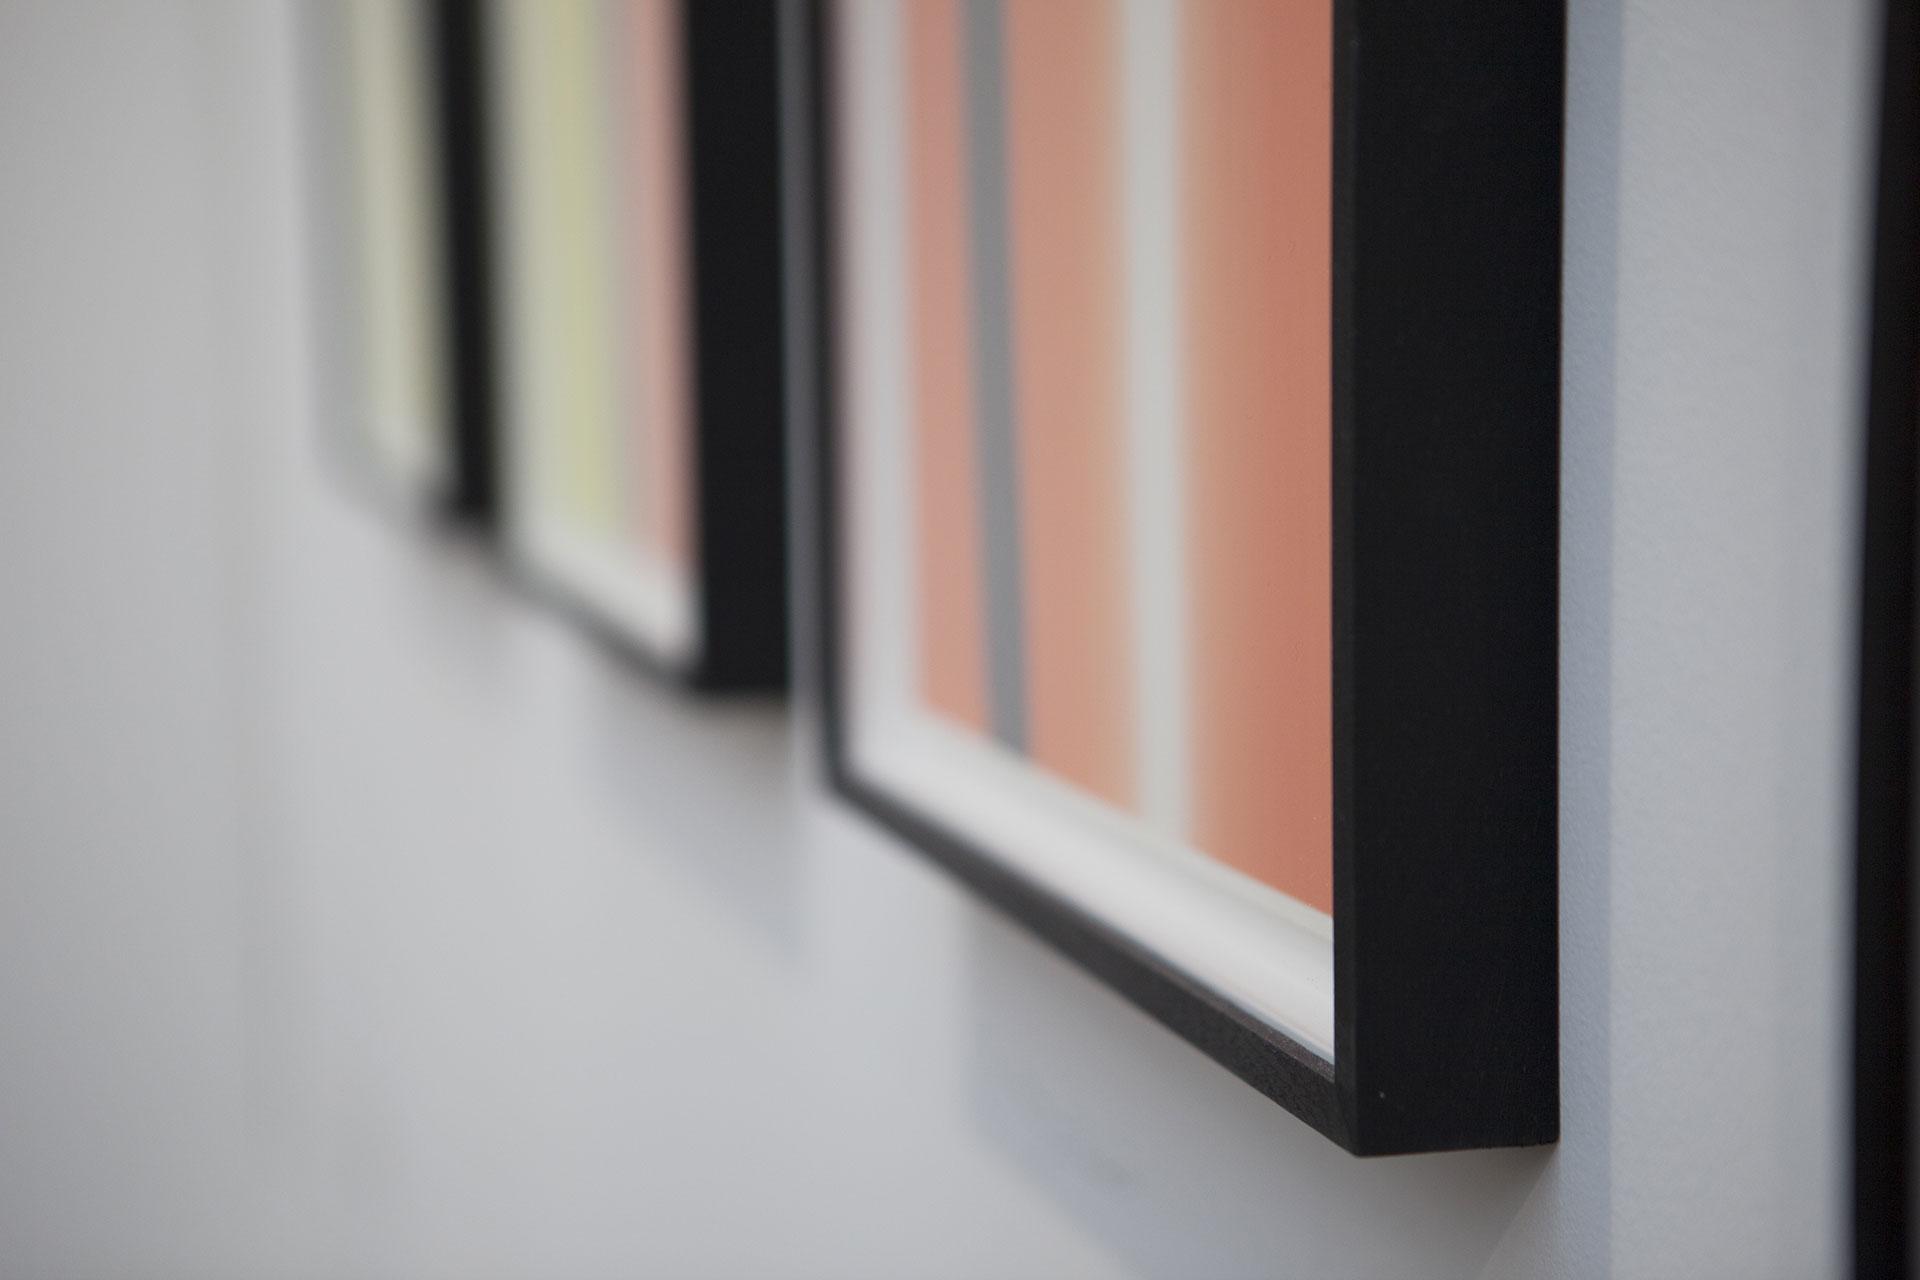 French custom-made frames